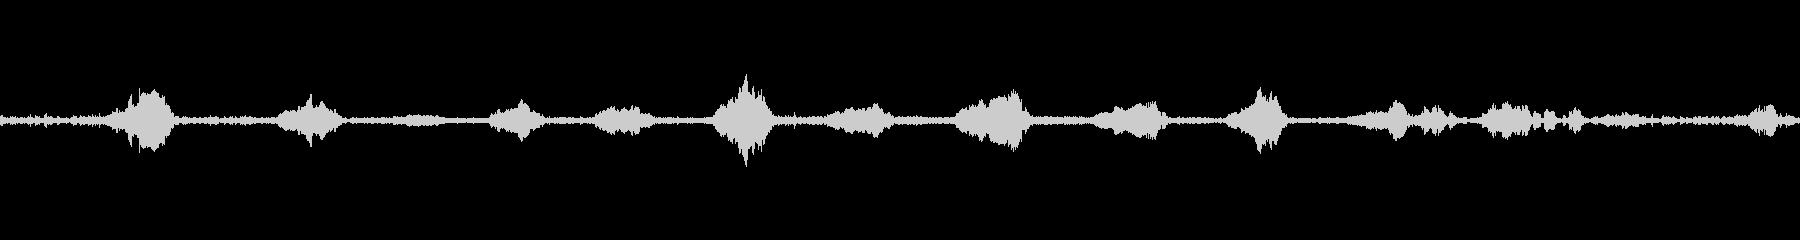 ライオンモアンソロの未再生の波形